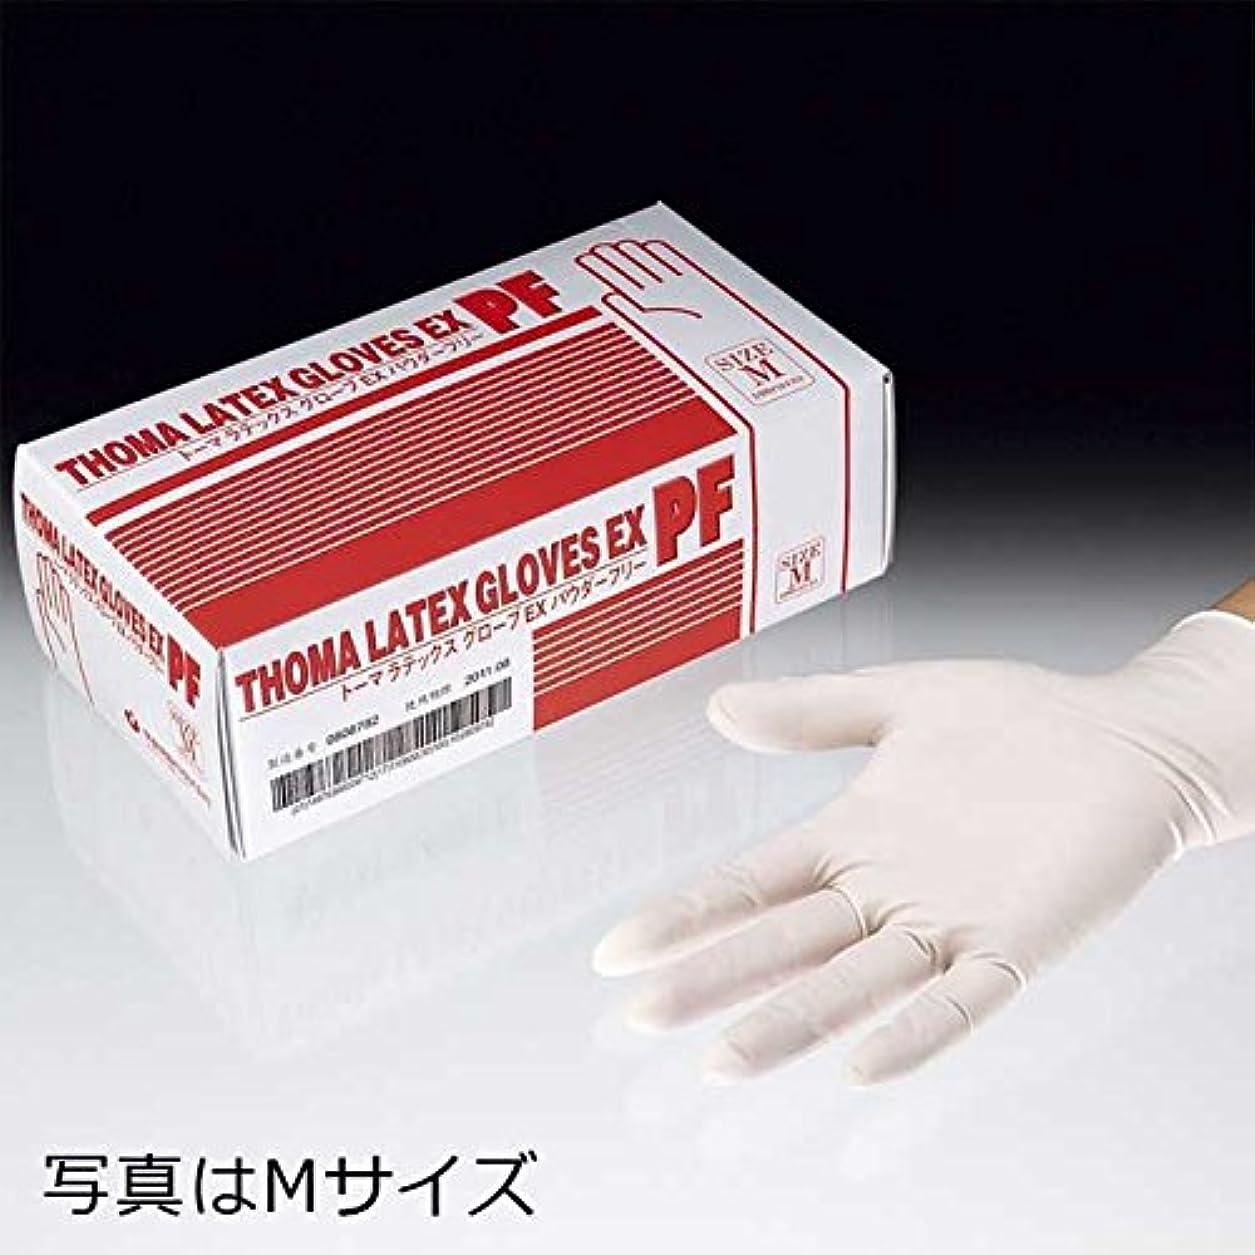 笑ドリンク印刷するトーマラテックス手袋EX PF 天然ゴム 使い捨て手袋 粉なし2000枚 (100枚入り20箱) (SS)